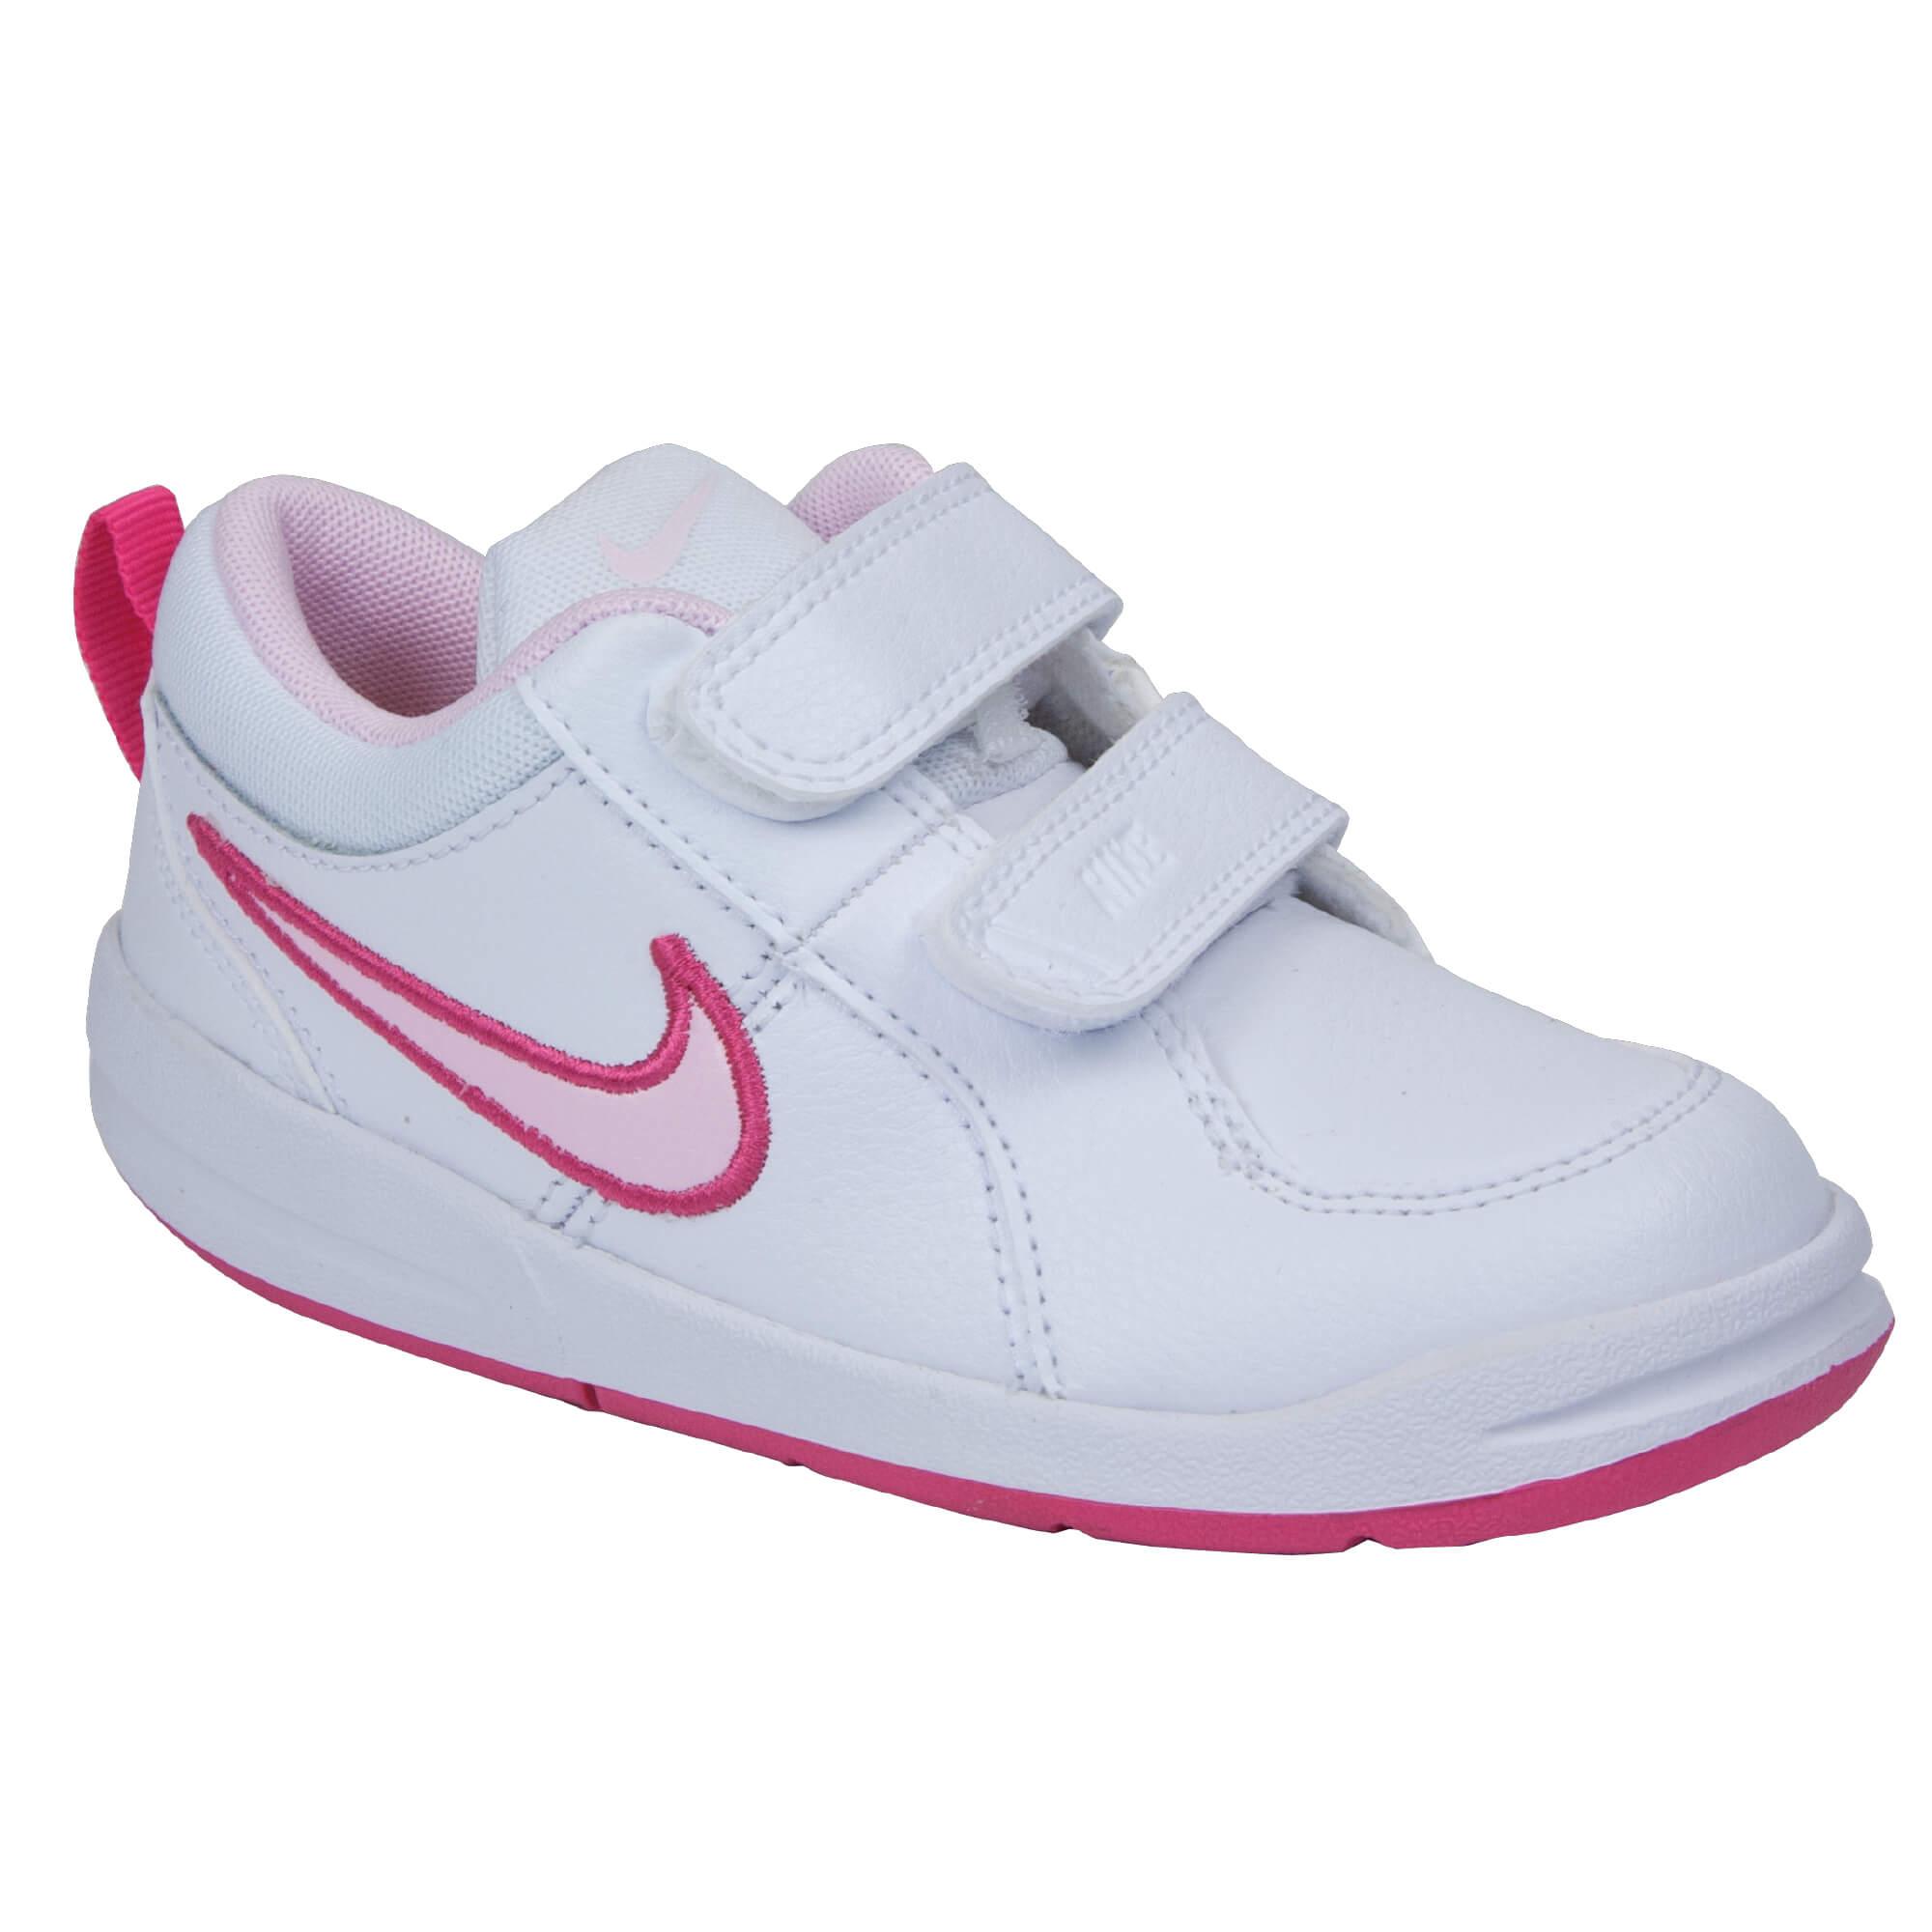 Pico 4 Nike